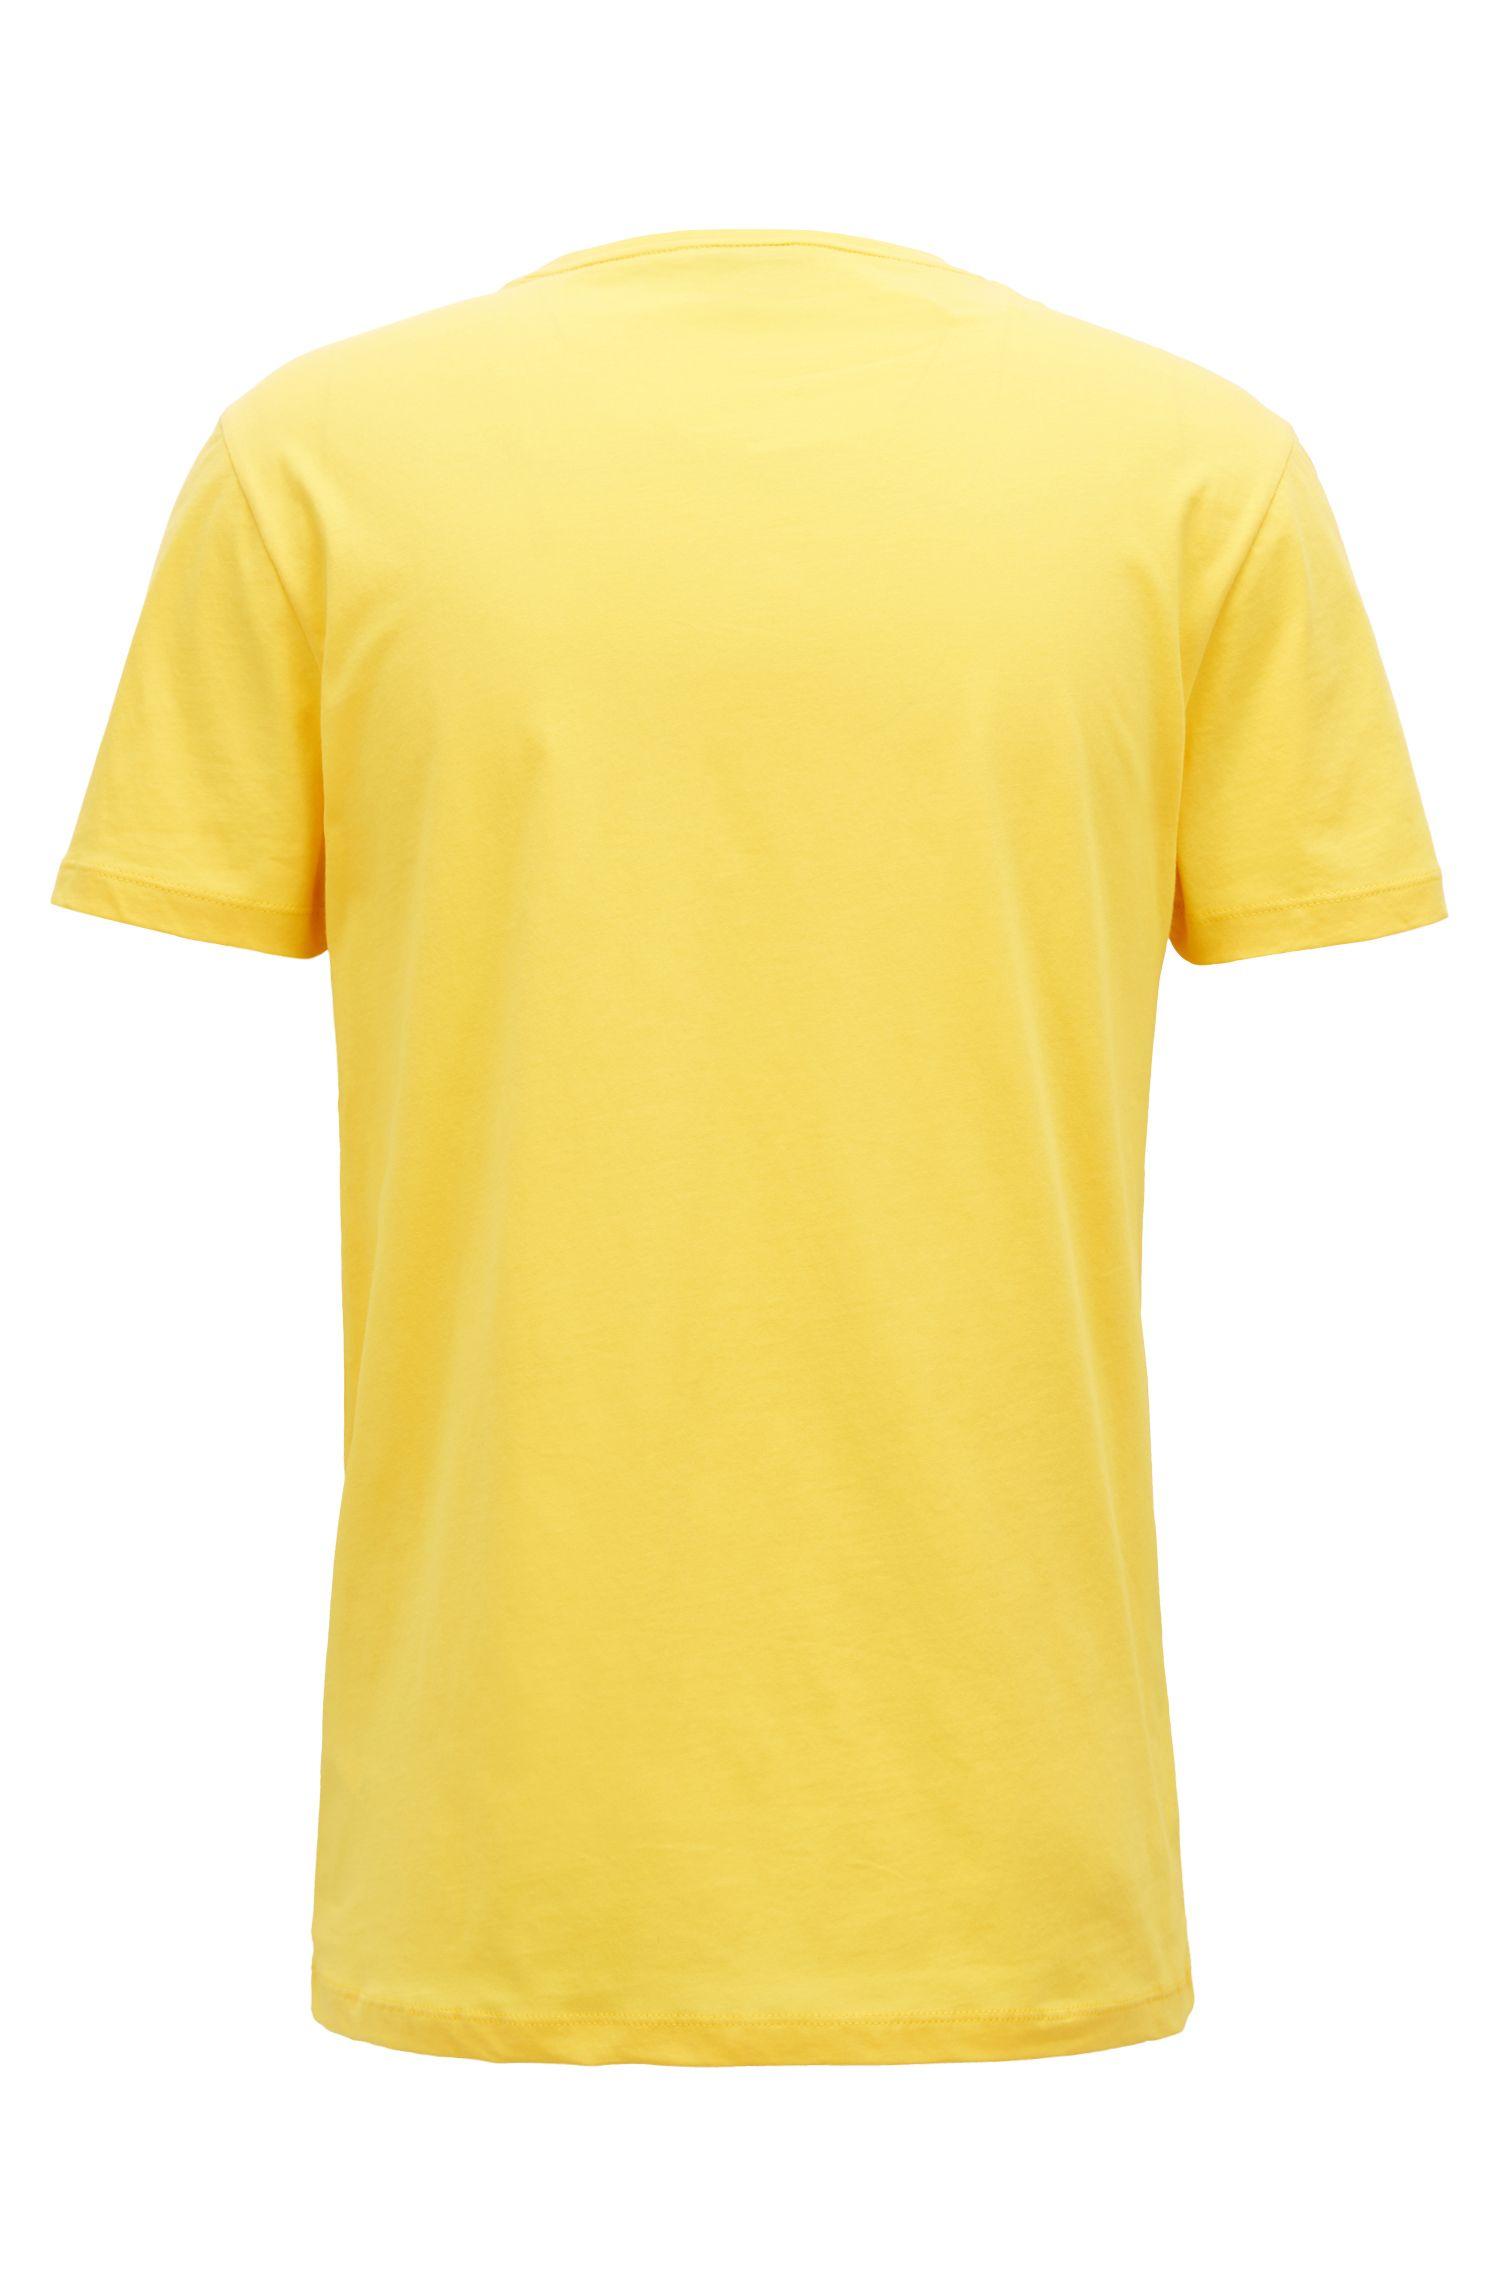 T-shirt van jersey met gevlokt logo in dégradé, Geel